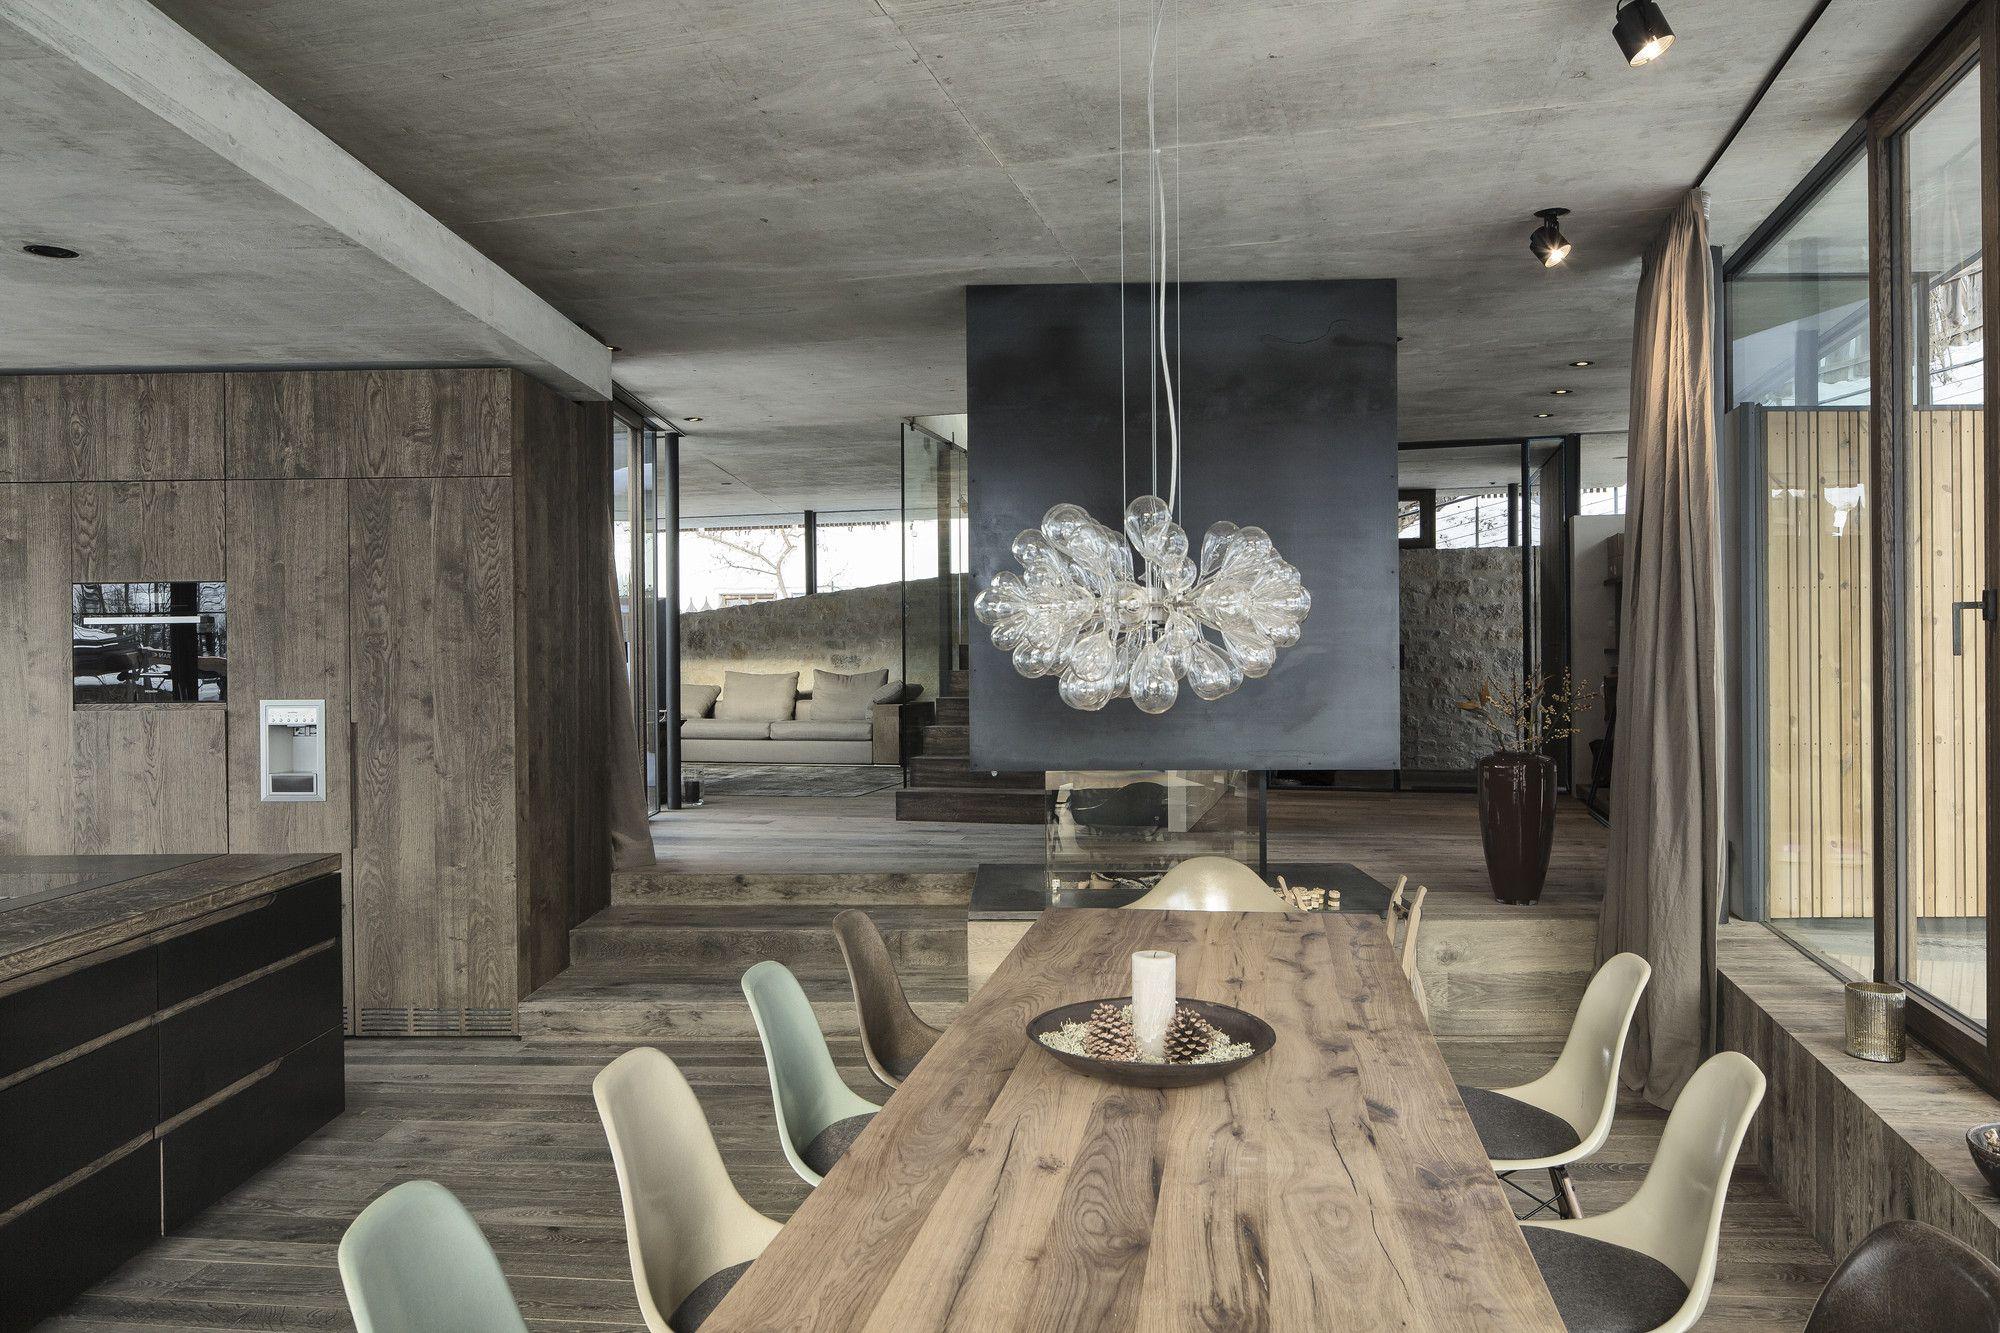 Gallery Of Haus Walde Gogl Architekten 13